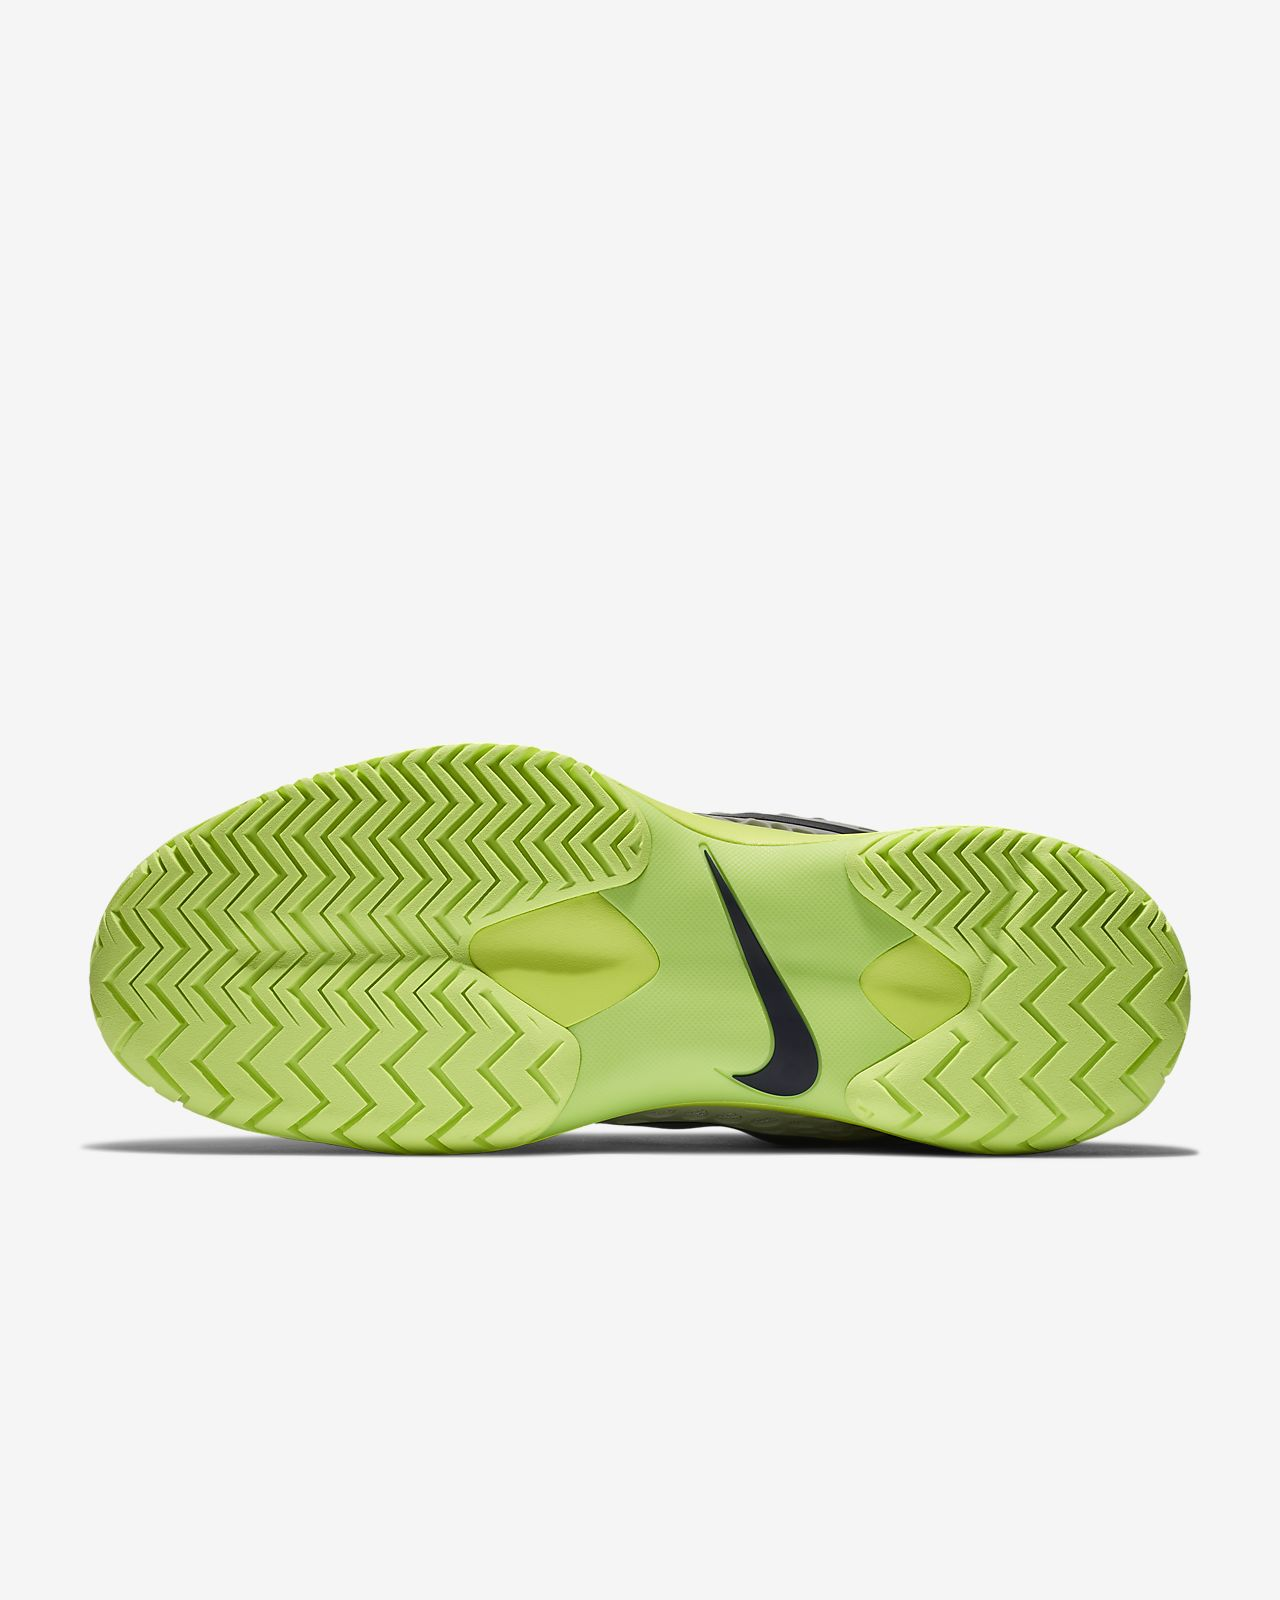 buy popular 7f1af 34cf8 ... Chaussure de tennis pour surface dure NikeCourt Zoom Cage 3 pour Homme